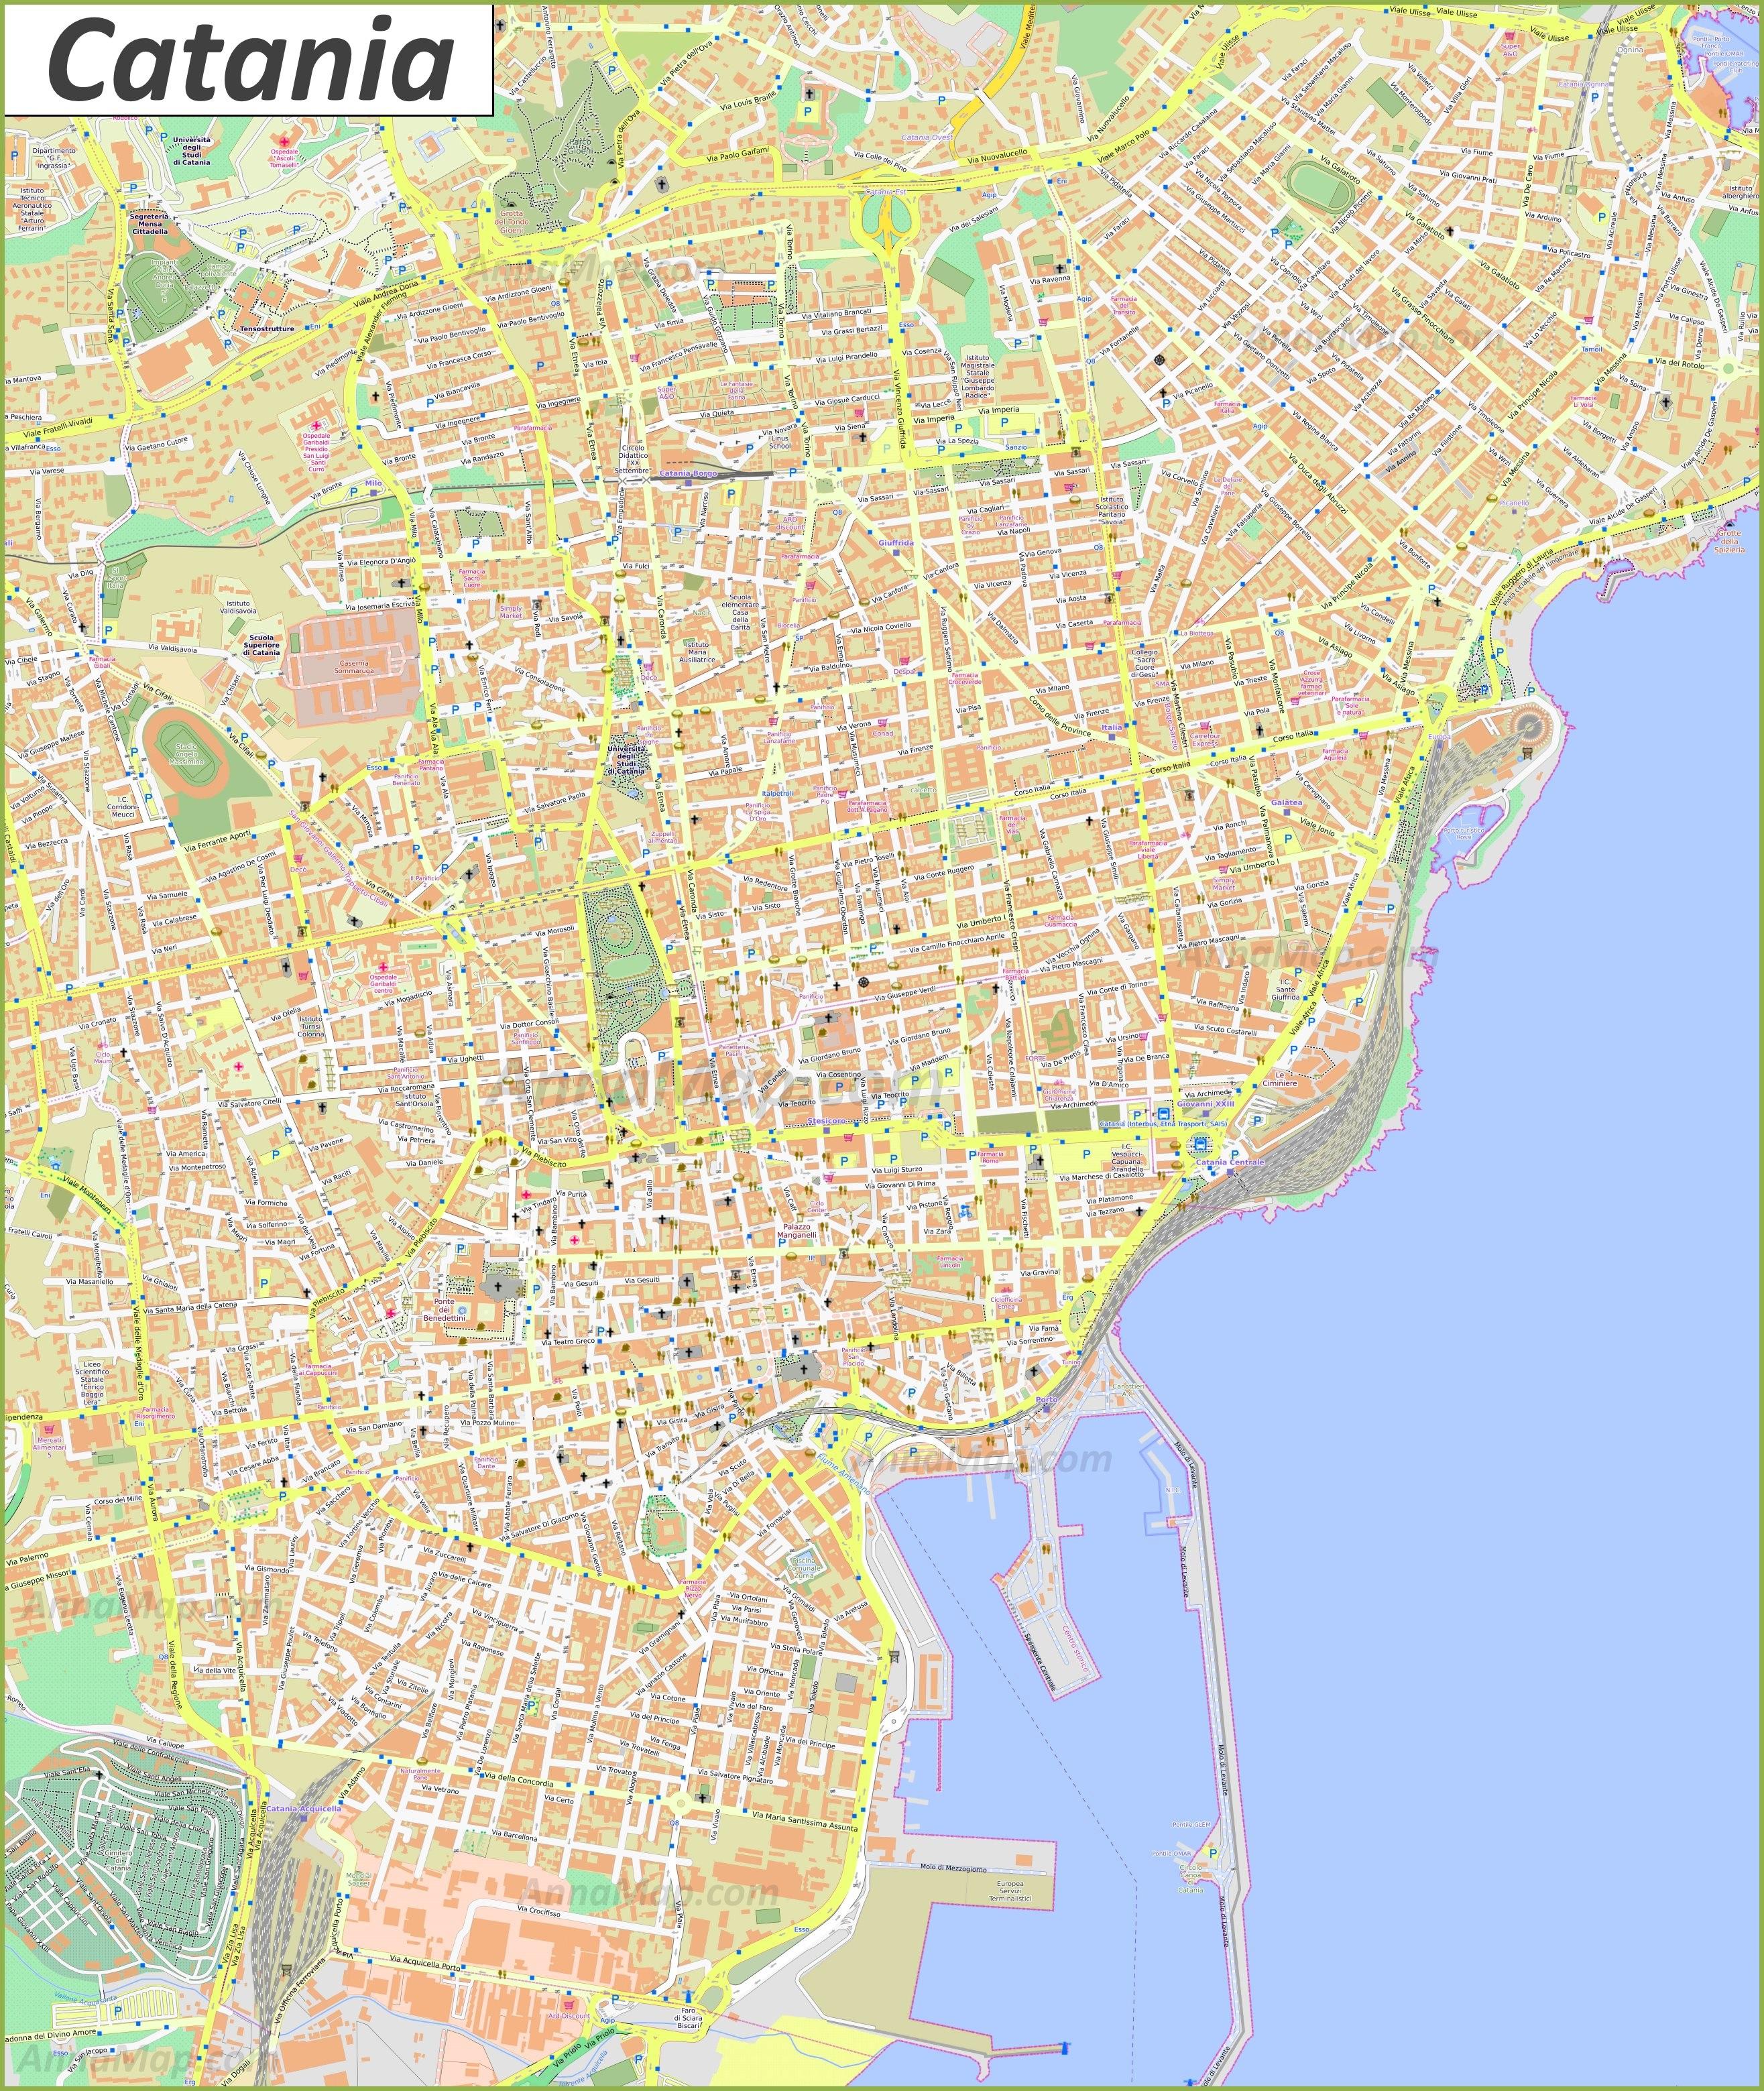 Catania mapa turístico